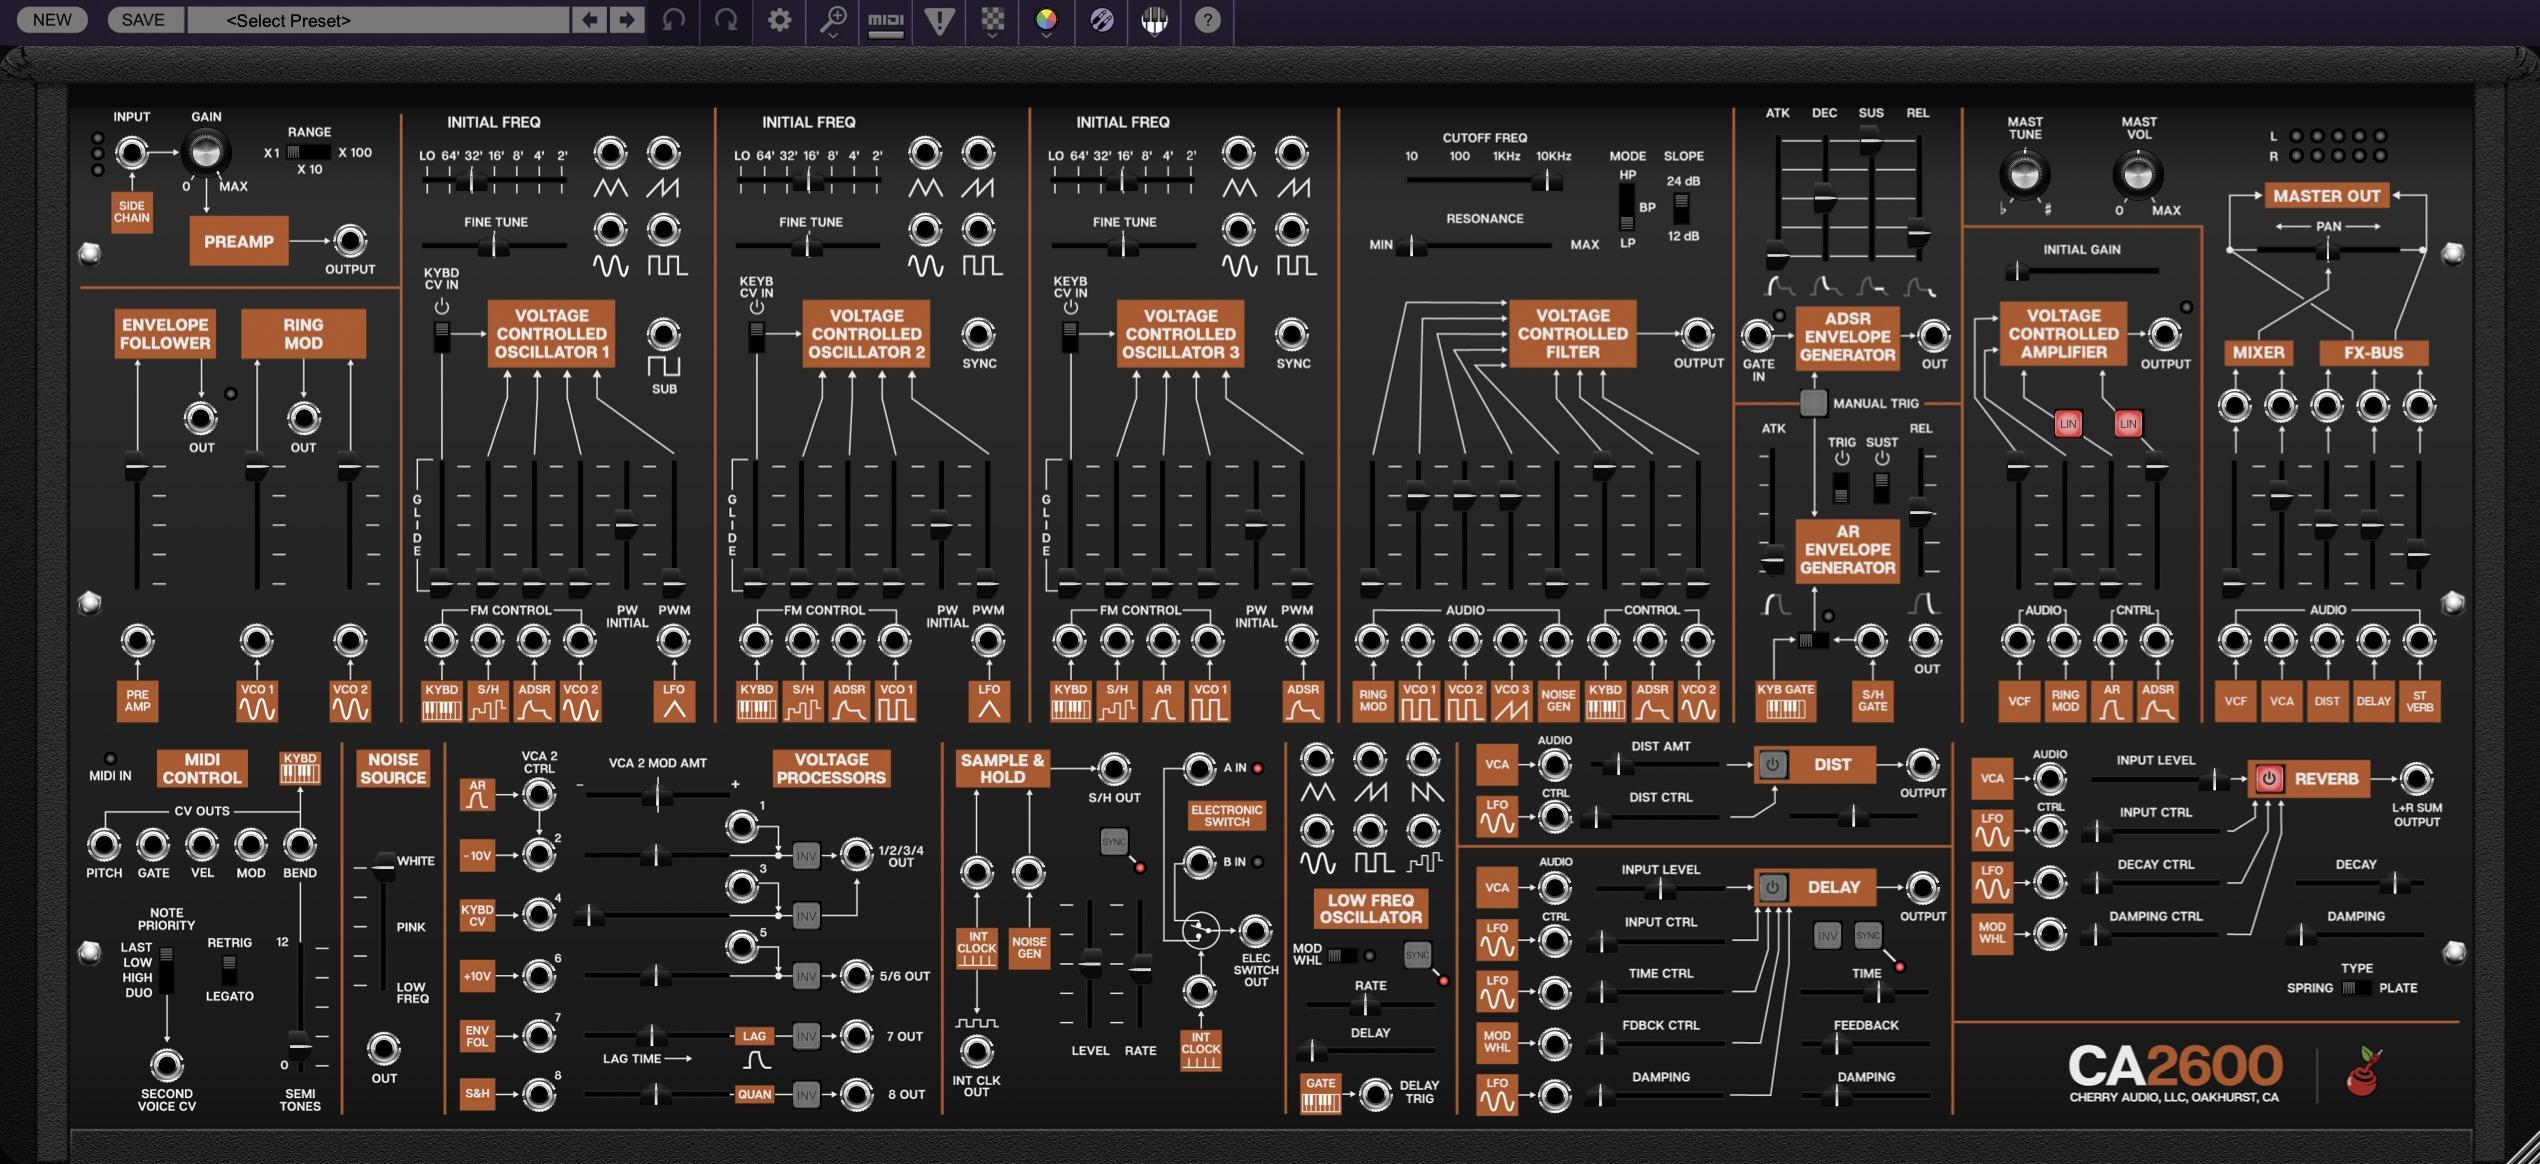 CherryAudio - CA2600 Logic立ち上げ画像